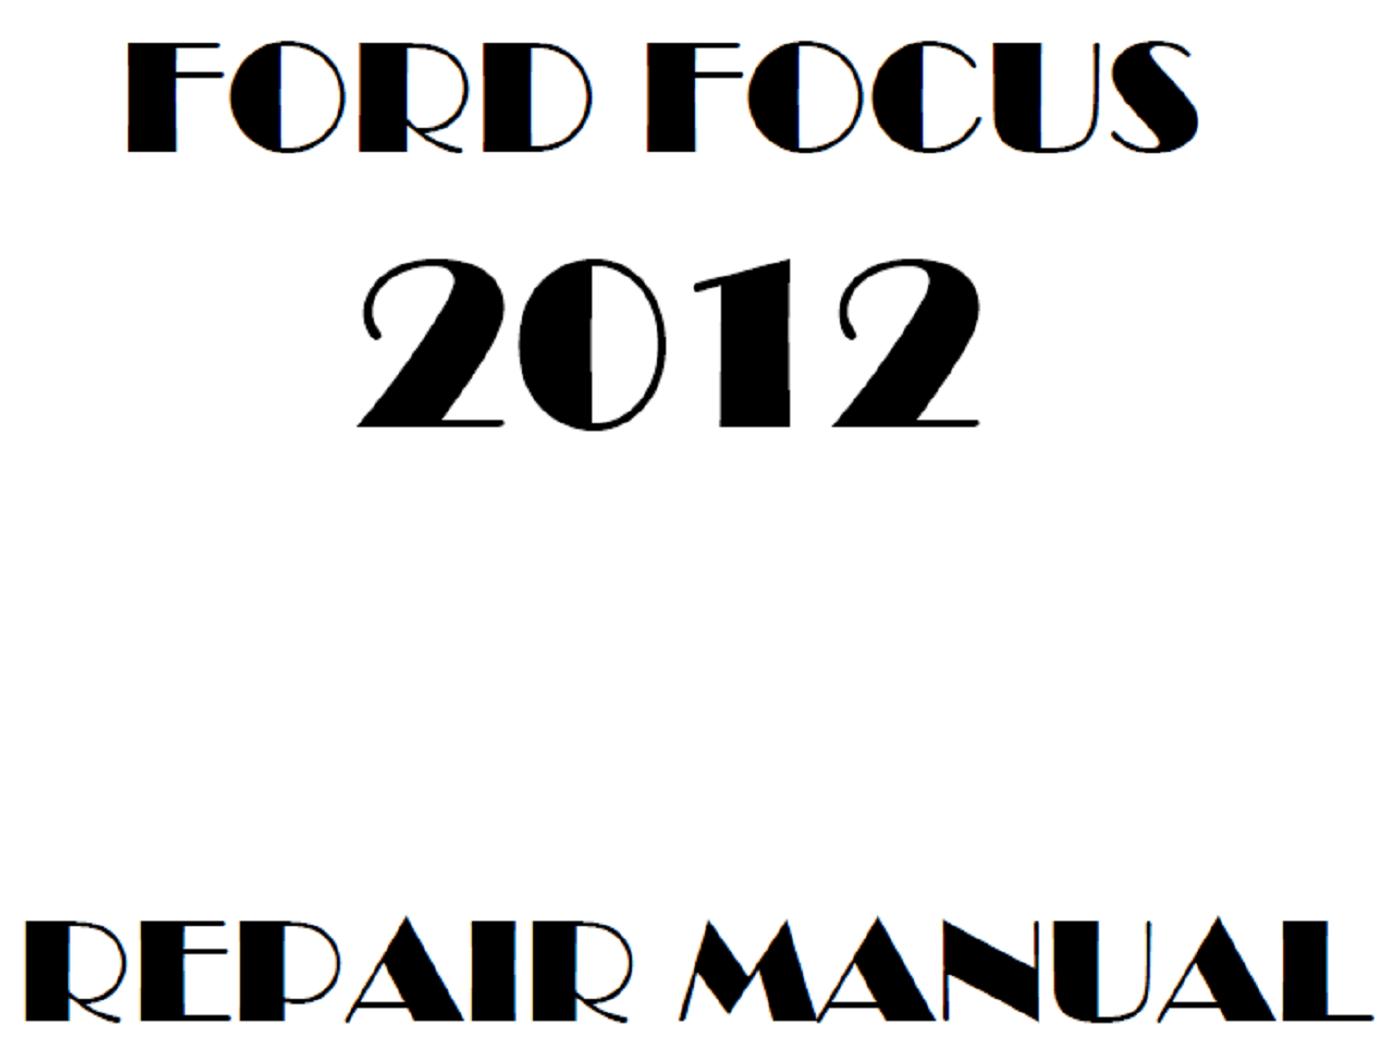 2012 Ford Focus repair manual